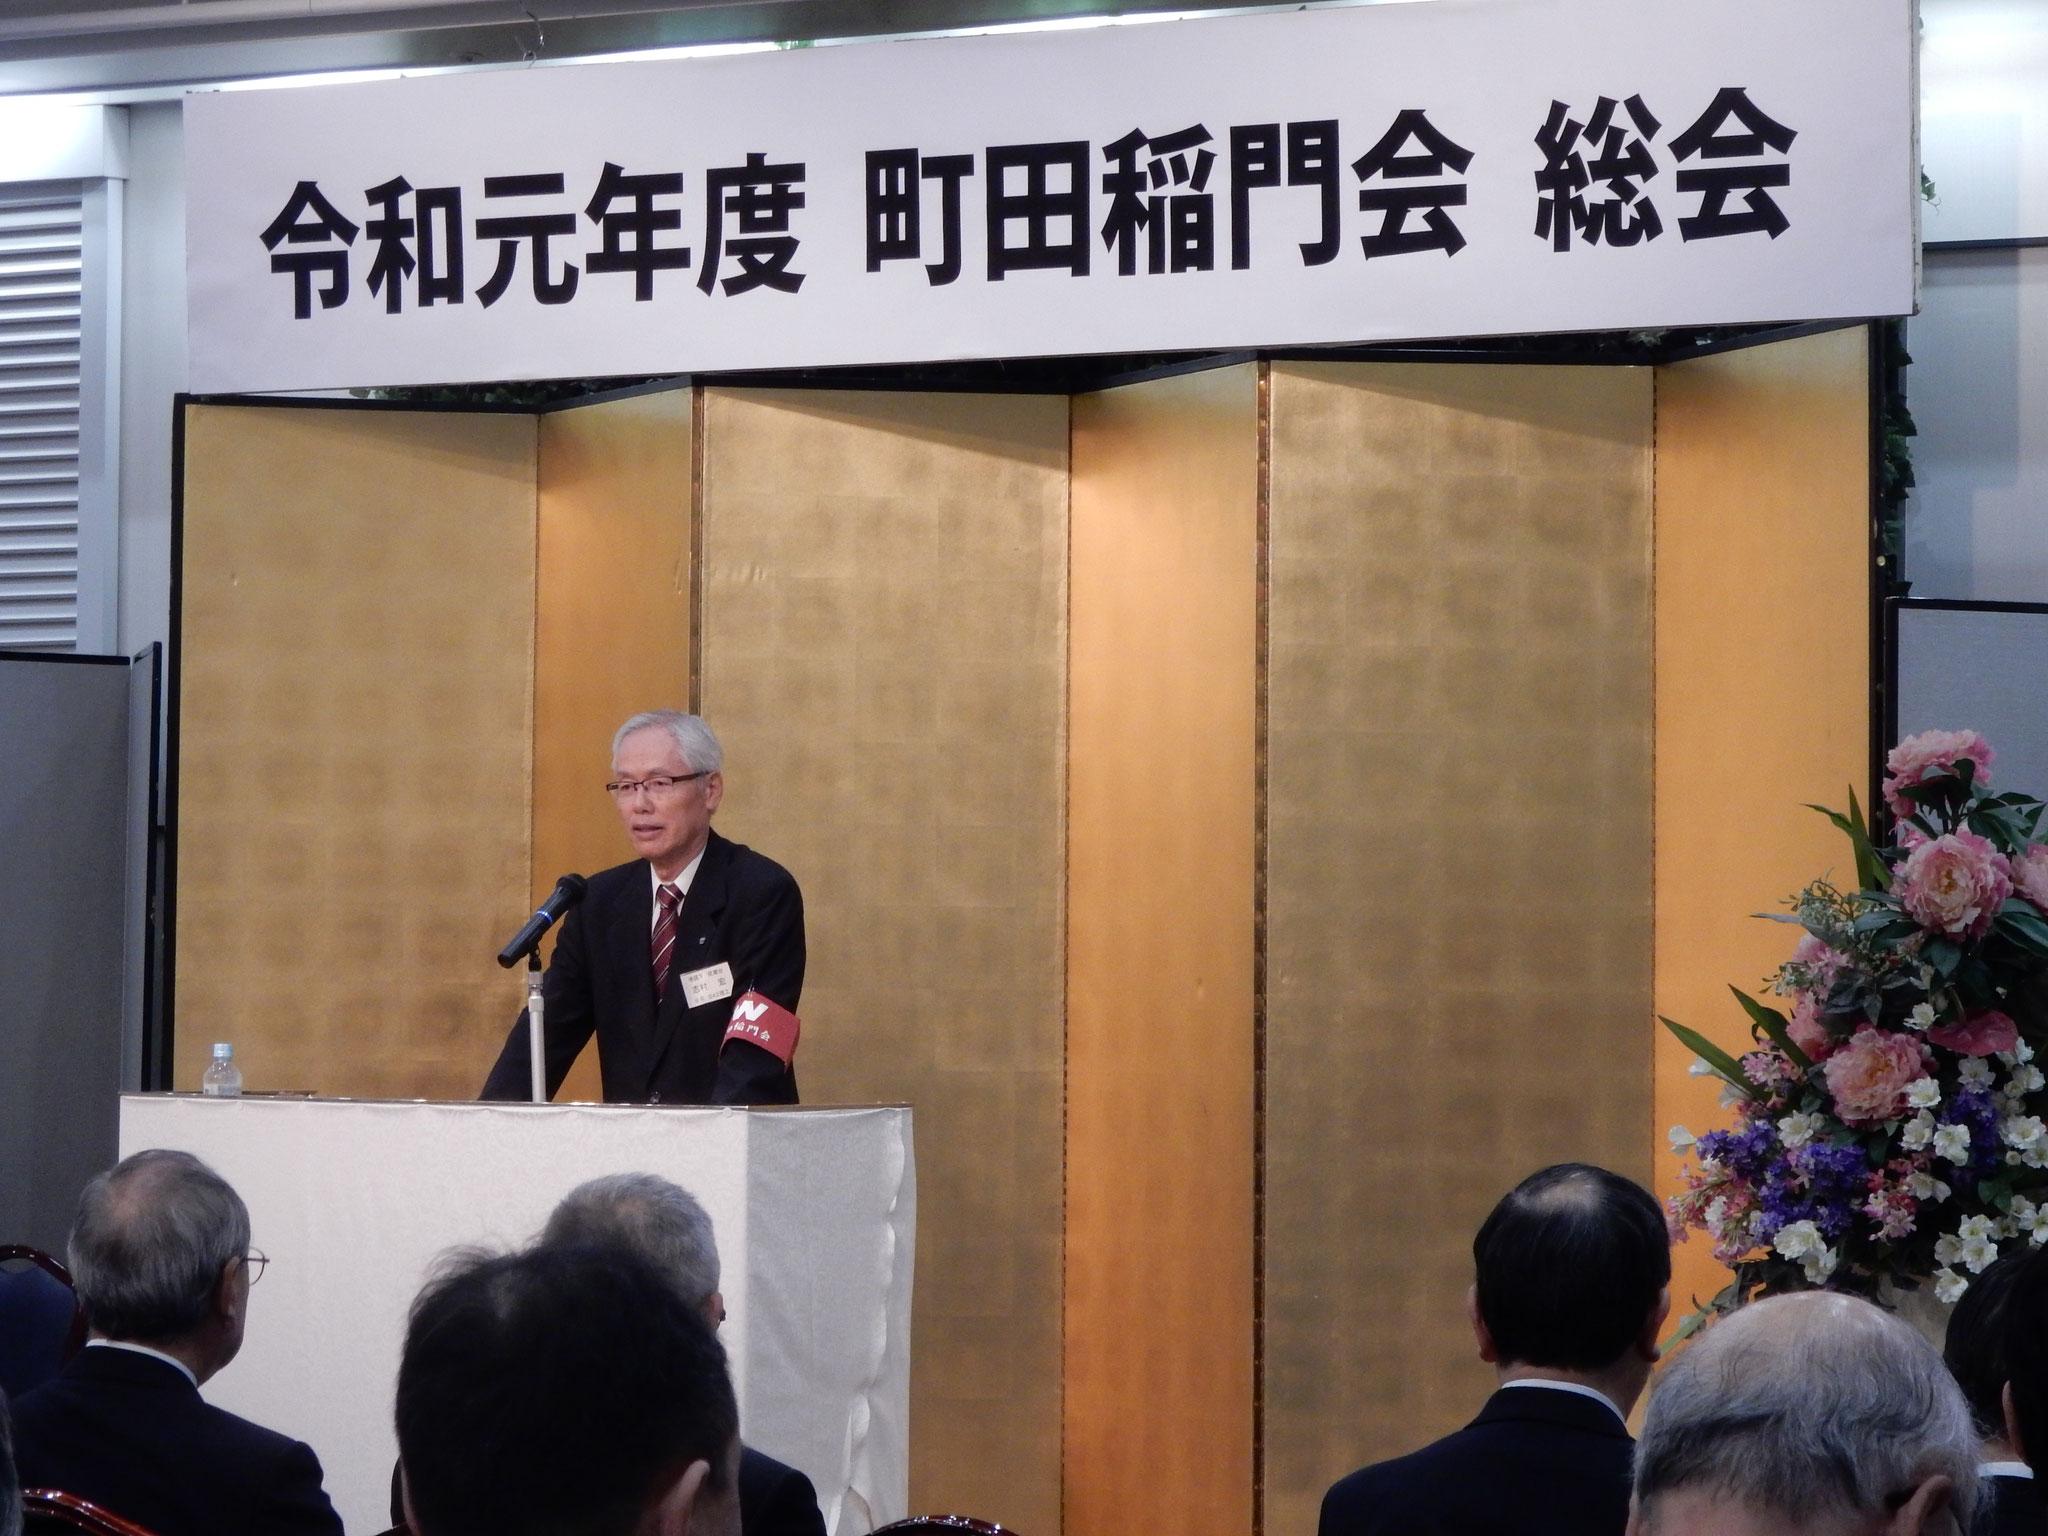 2019 令和元年度町田稲門会 総会